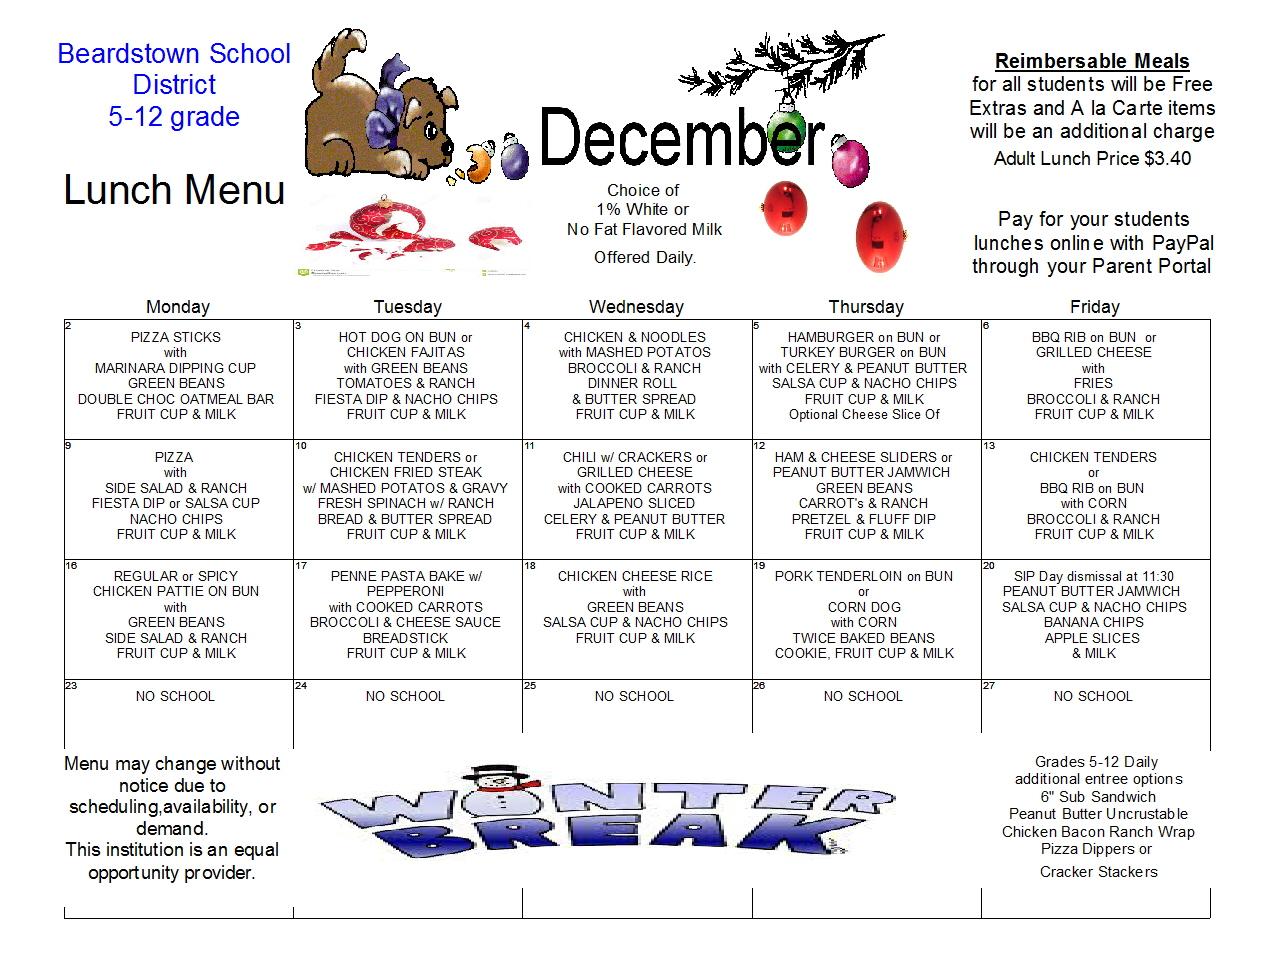 Beardstown Cusd 15 Lunch Menus